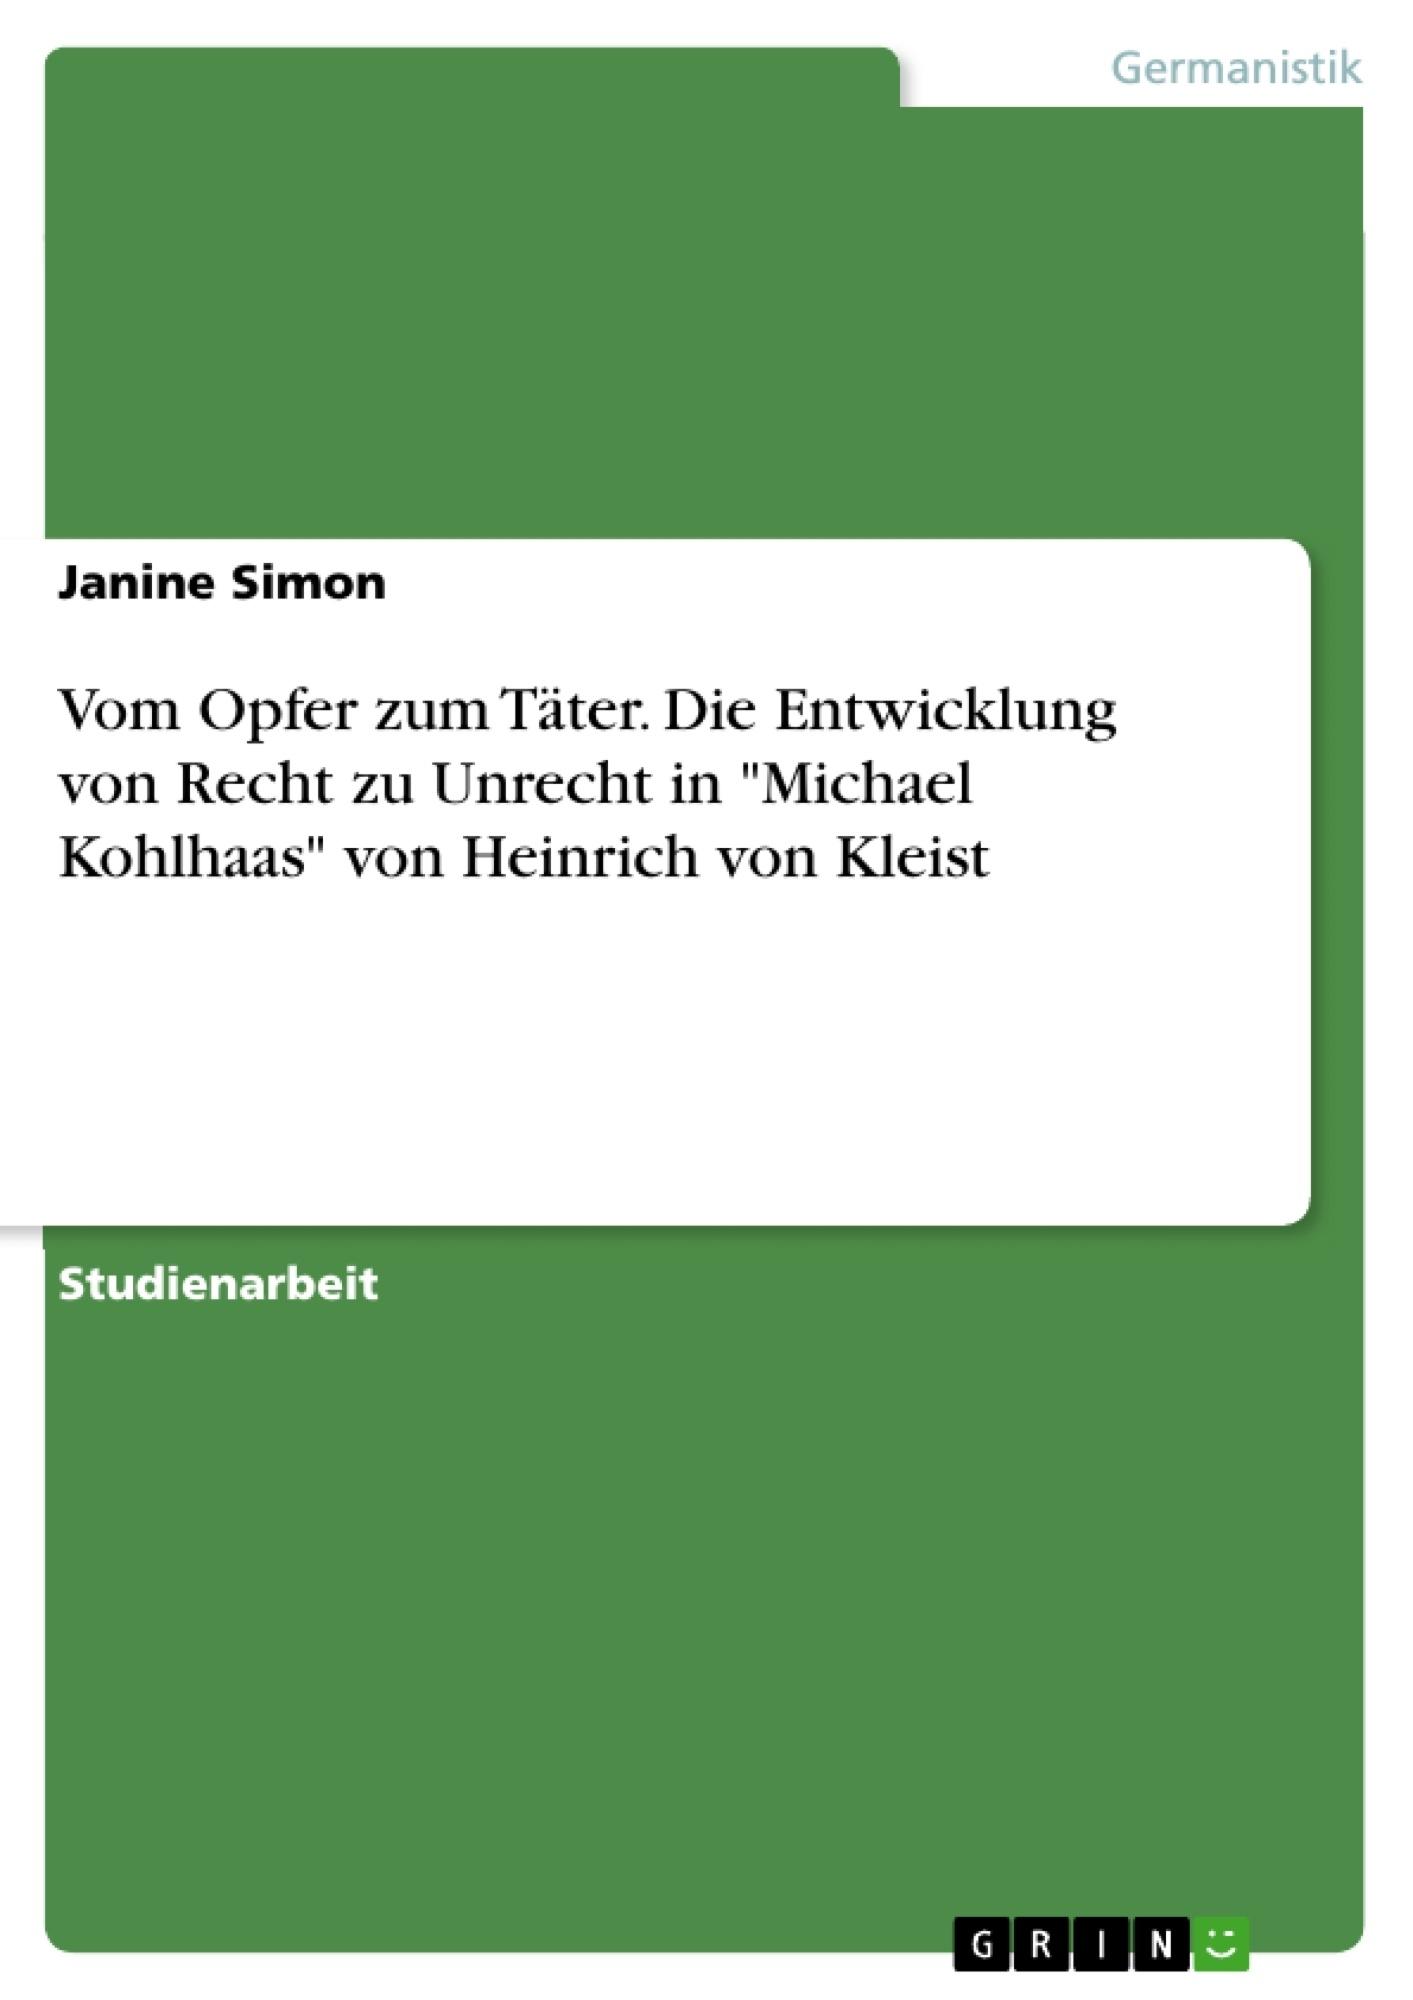 """Titel: Vom Opfer zum Täter. Die Entwicklung von Recht zu Unrecht in """"Michael Kohlhaas"""" von Heinrich von Kleist"""